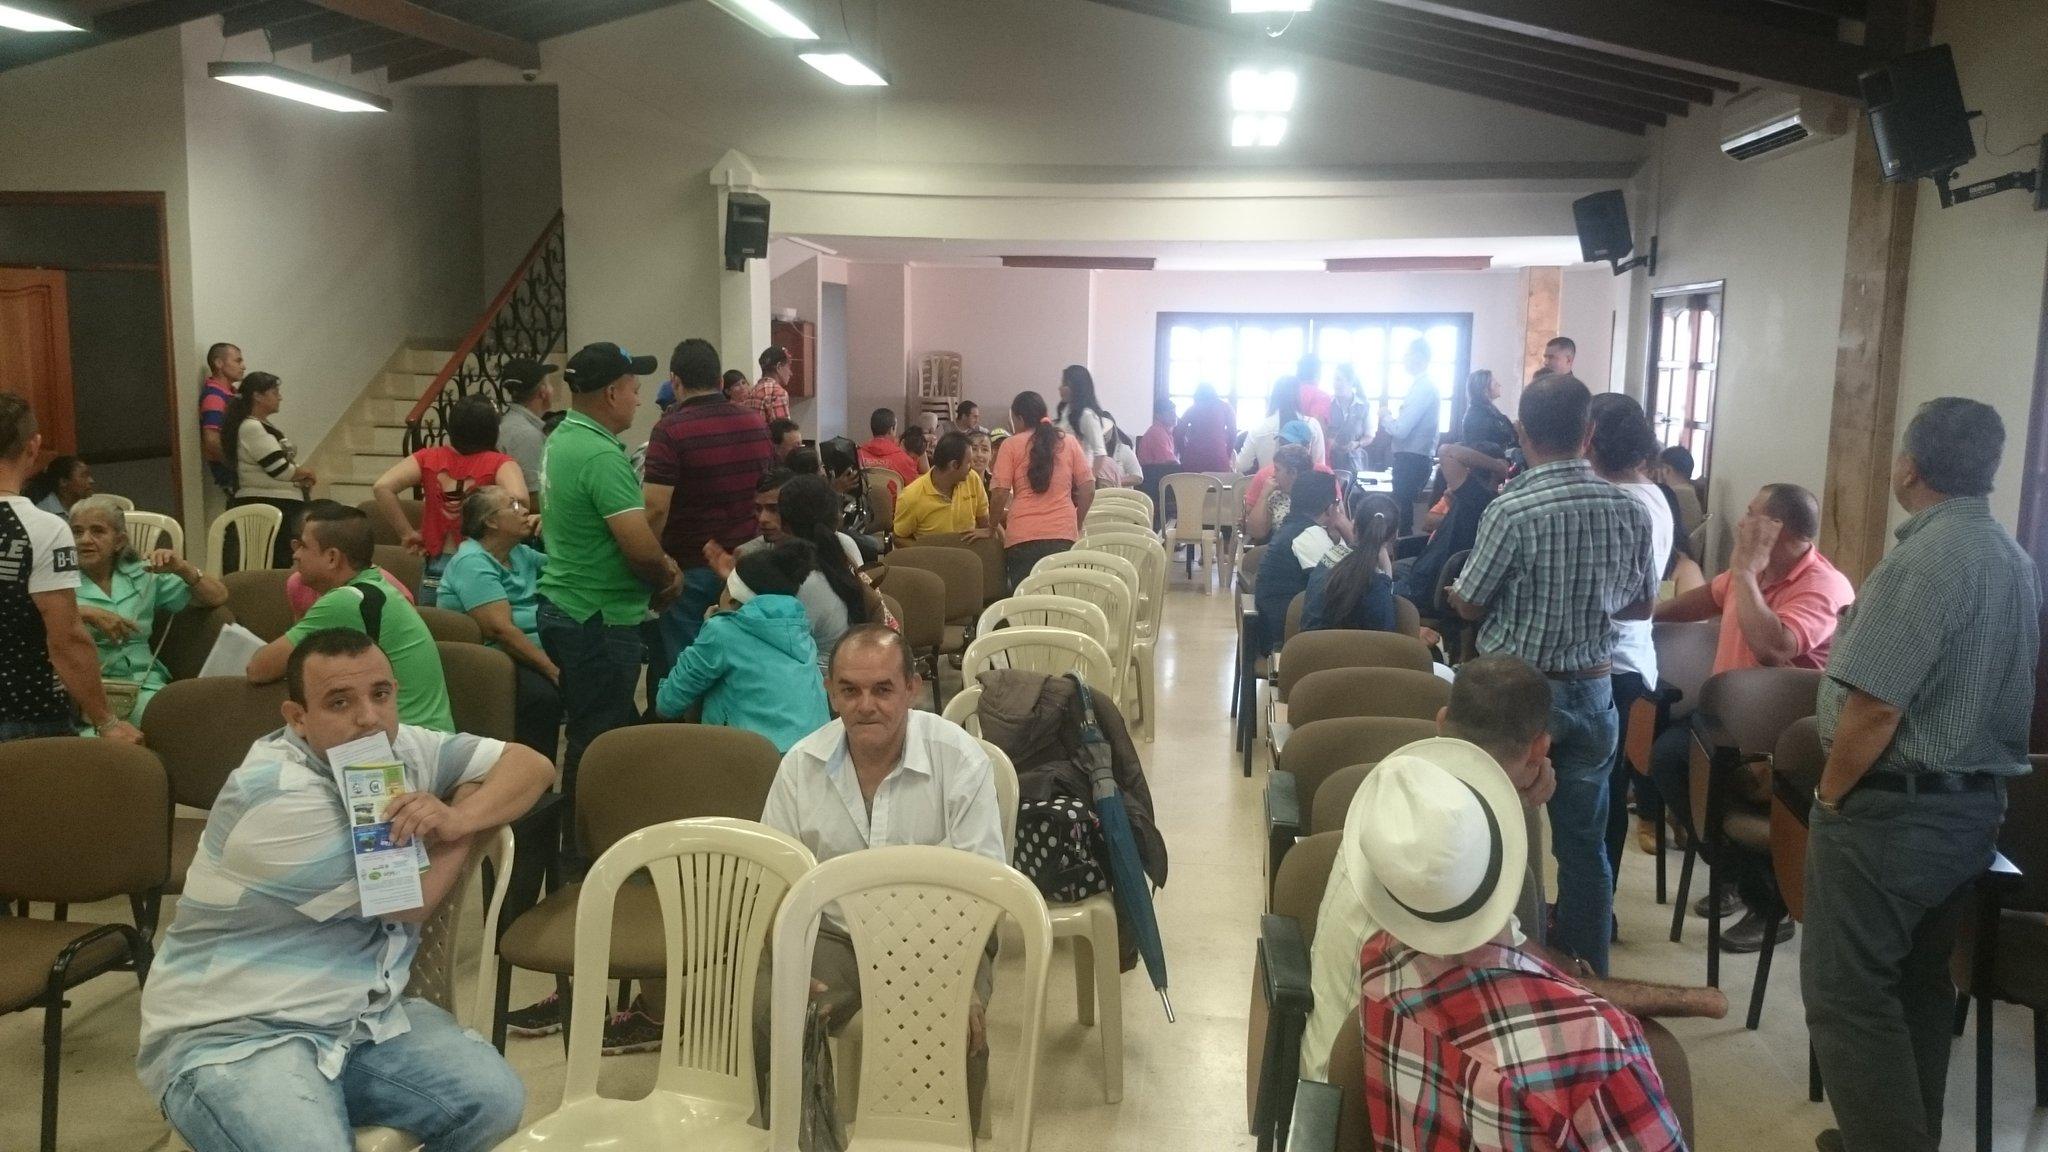 Por seguridad a quienes se les entregó la indemnización en Cocorná no podrán retirar montos superiores de 1 millón https://t.co/0LOegEFaaP